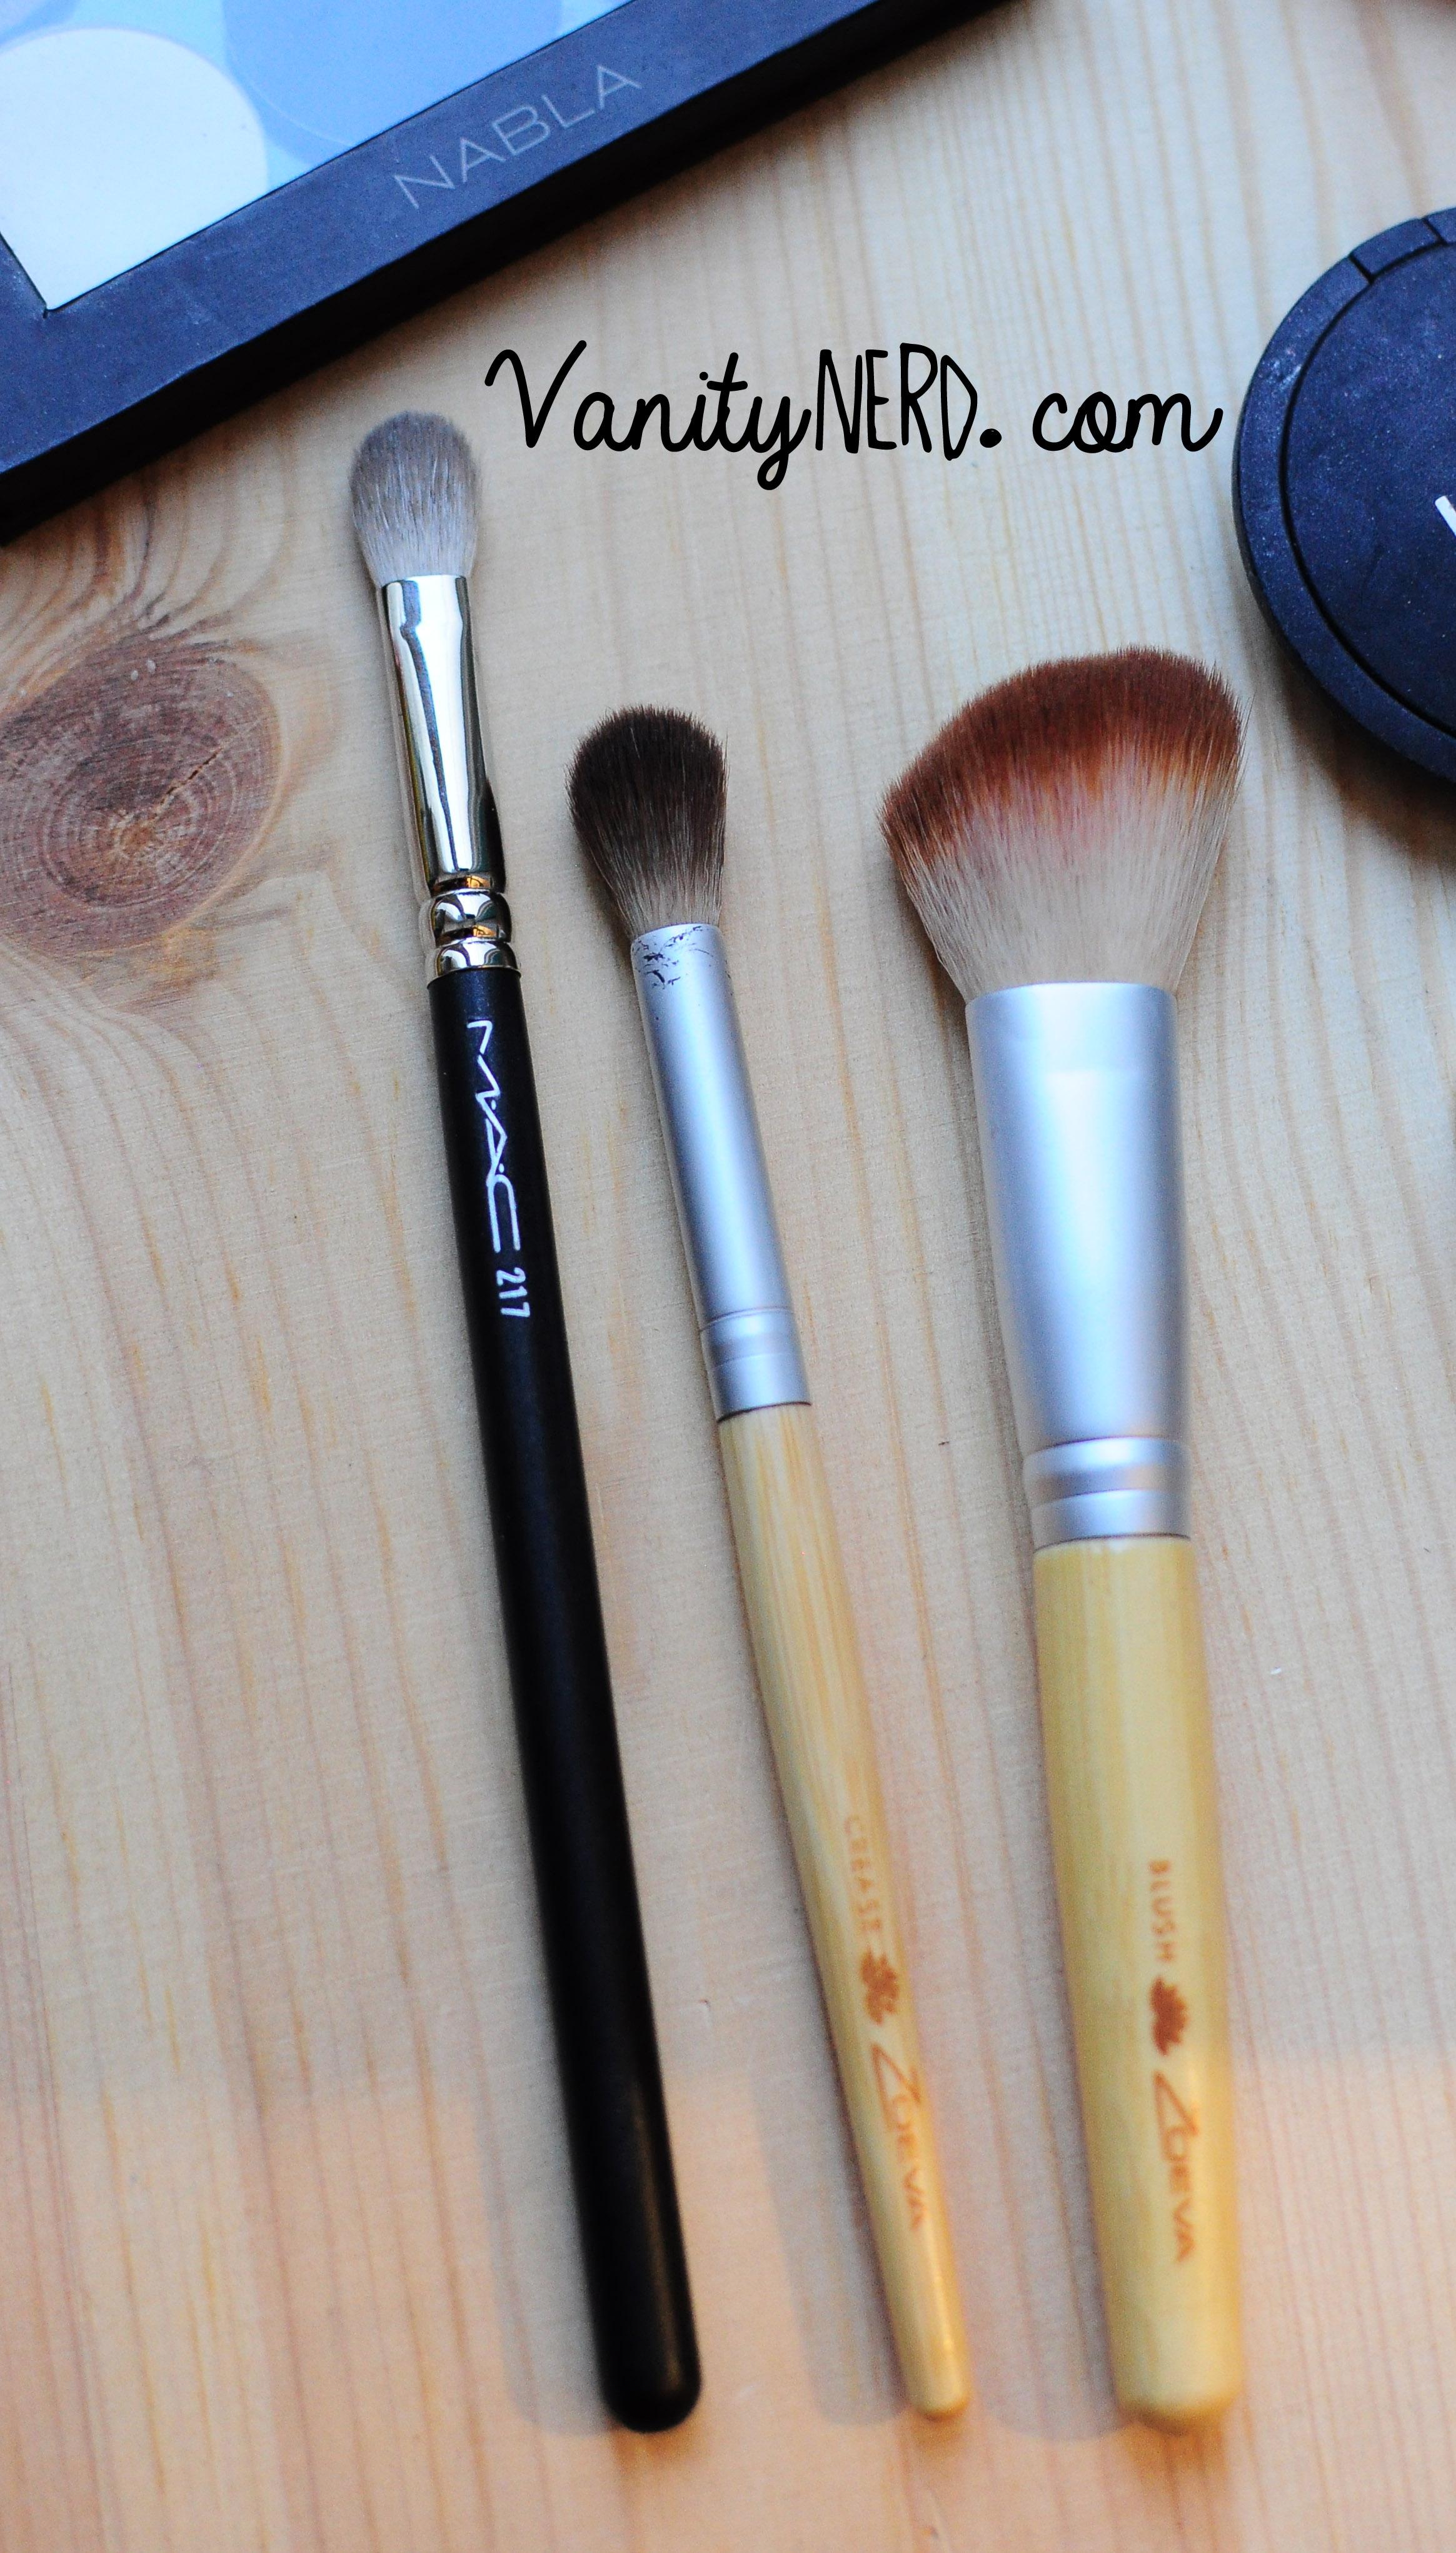 Pennelli sporchi (ora li ho lavati). 217 di Mac e i due del Bamboo Set Mini